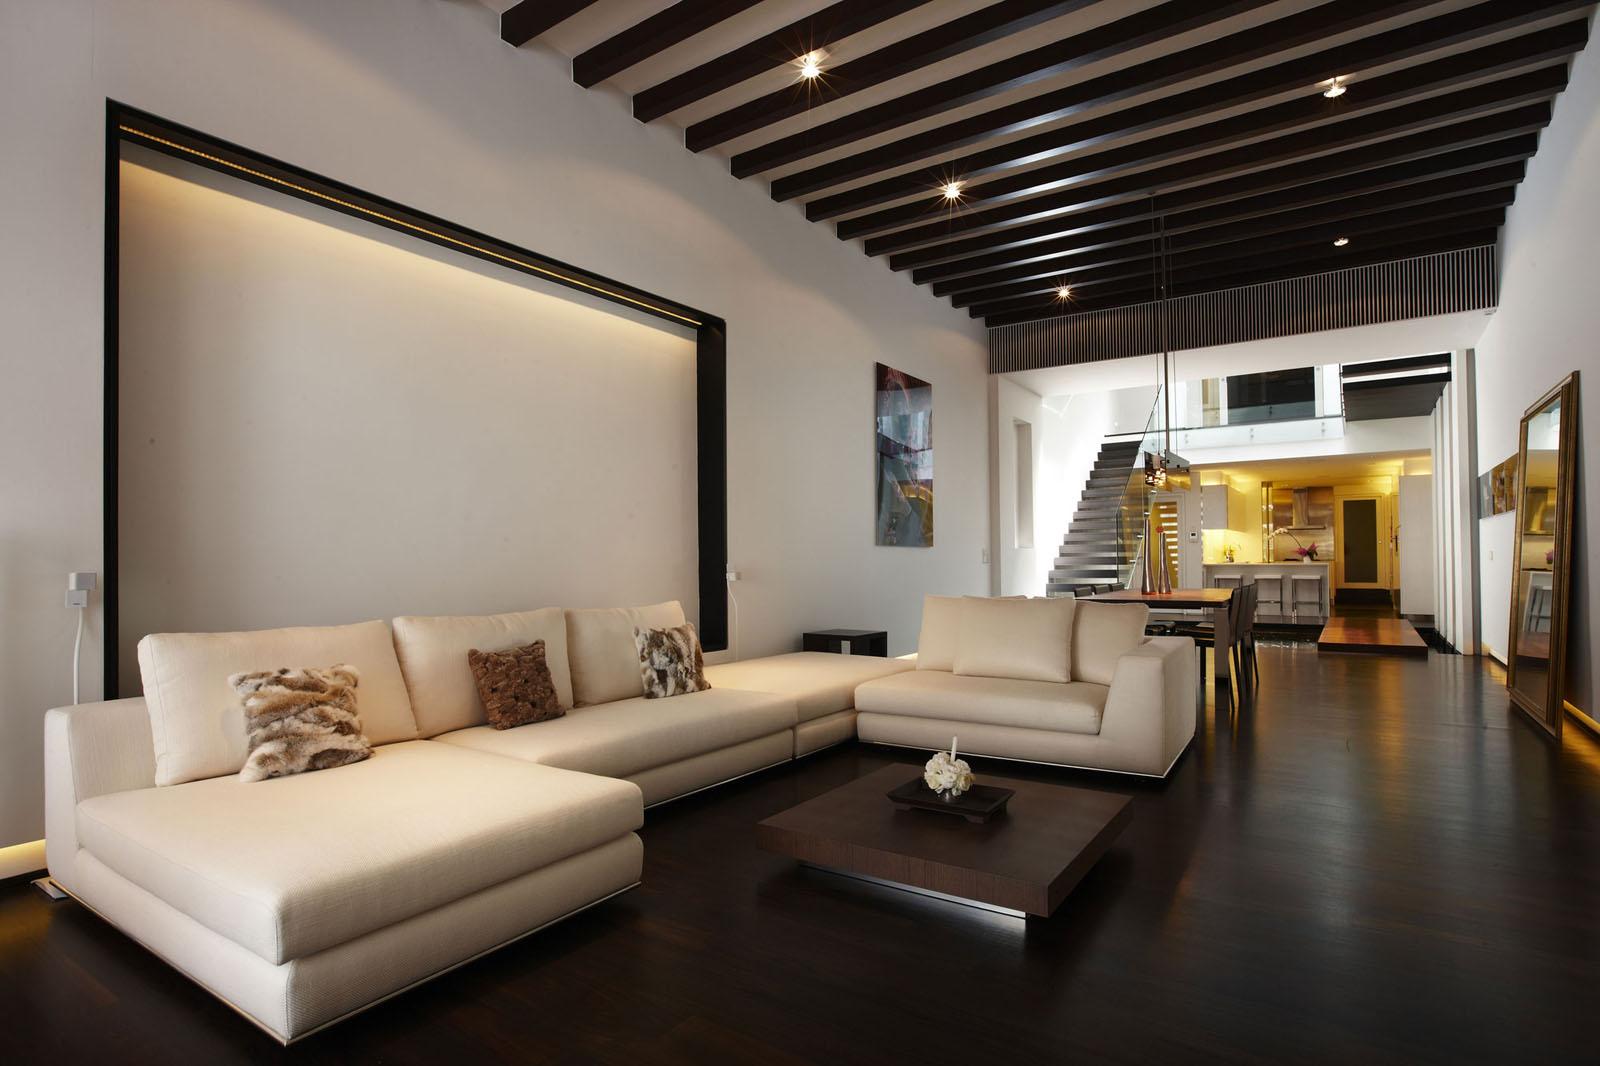 Best Kitchen Gallery: Modern Home Interior Design Luxury Modern Home Singapore 1 of Modern Home Interior Design  on rachelxblog.com